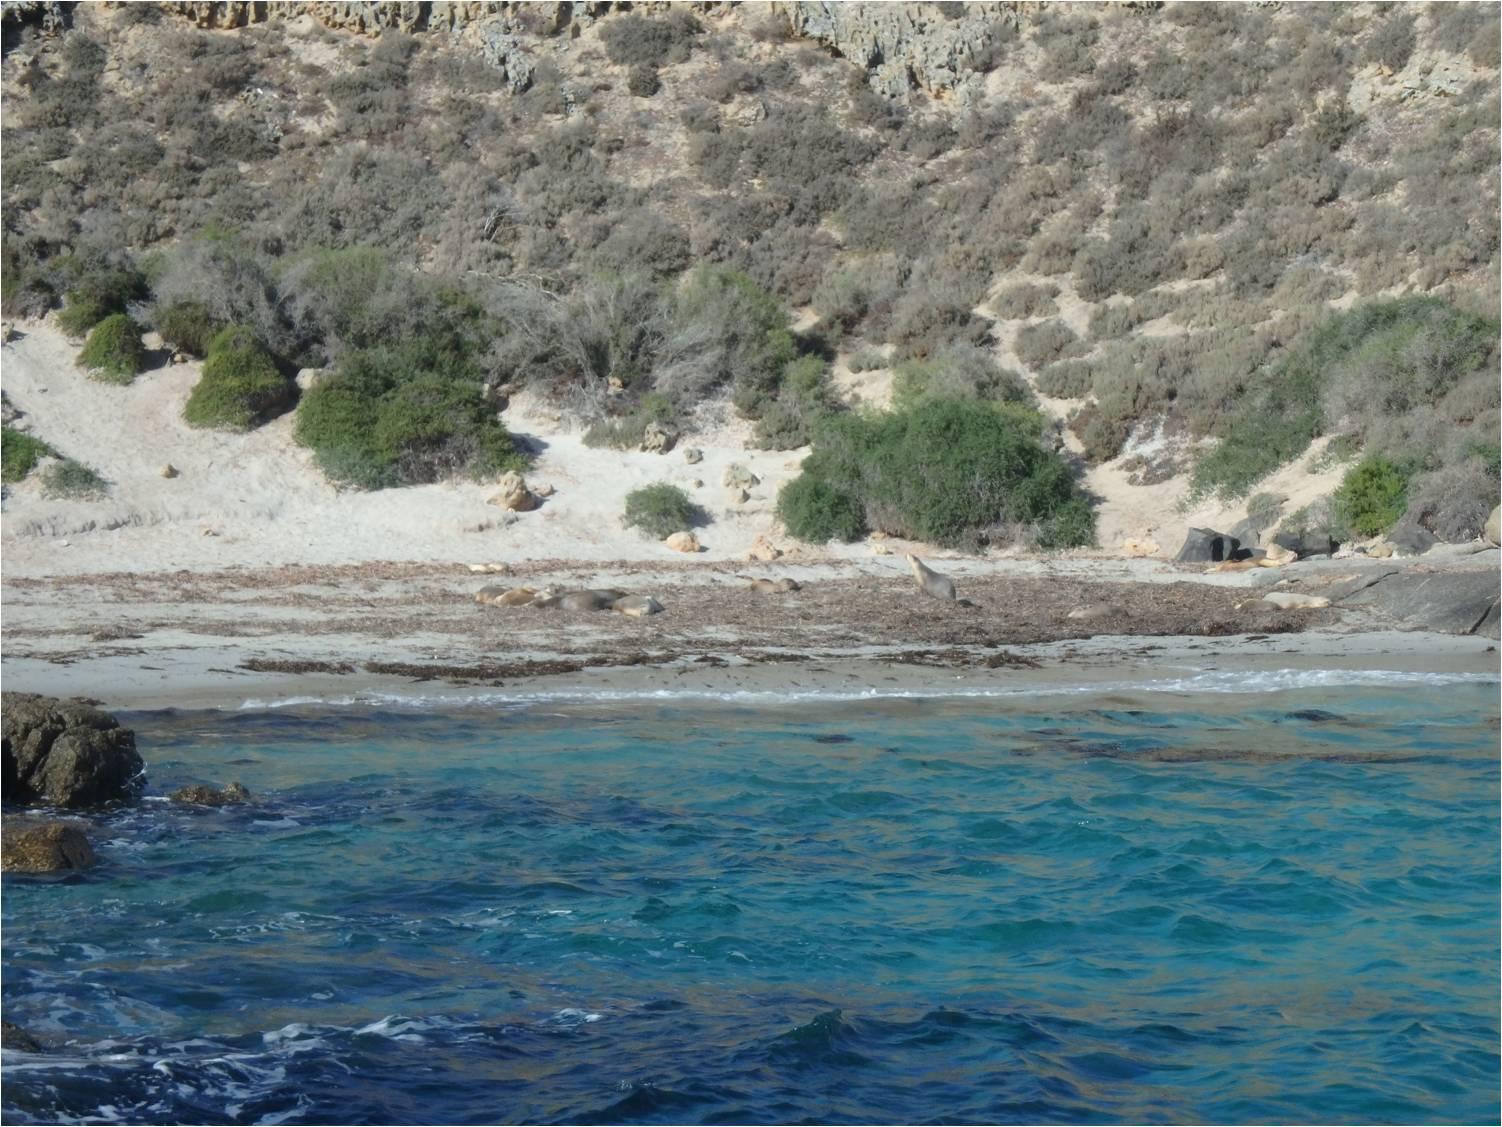 Plage lions de mer